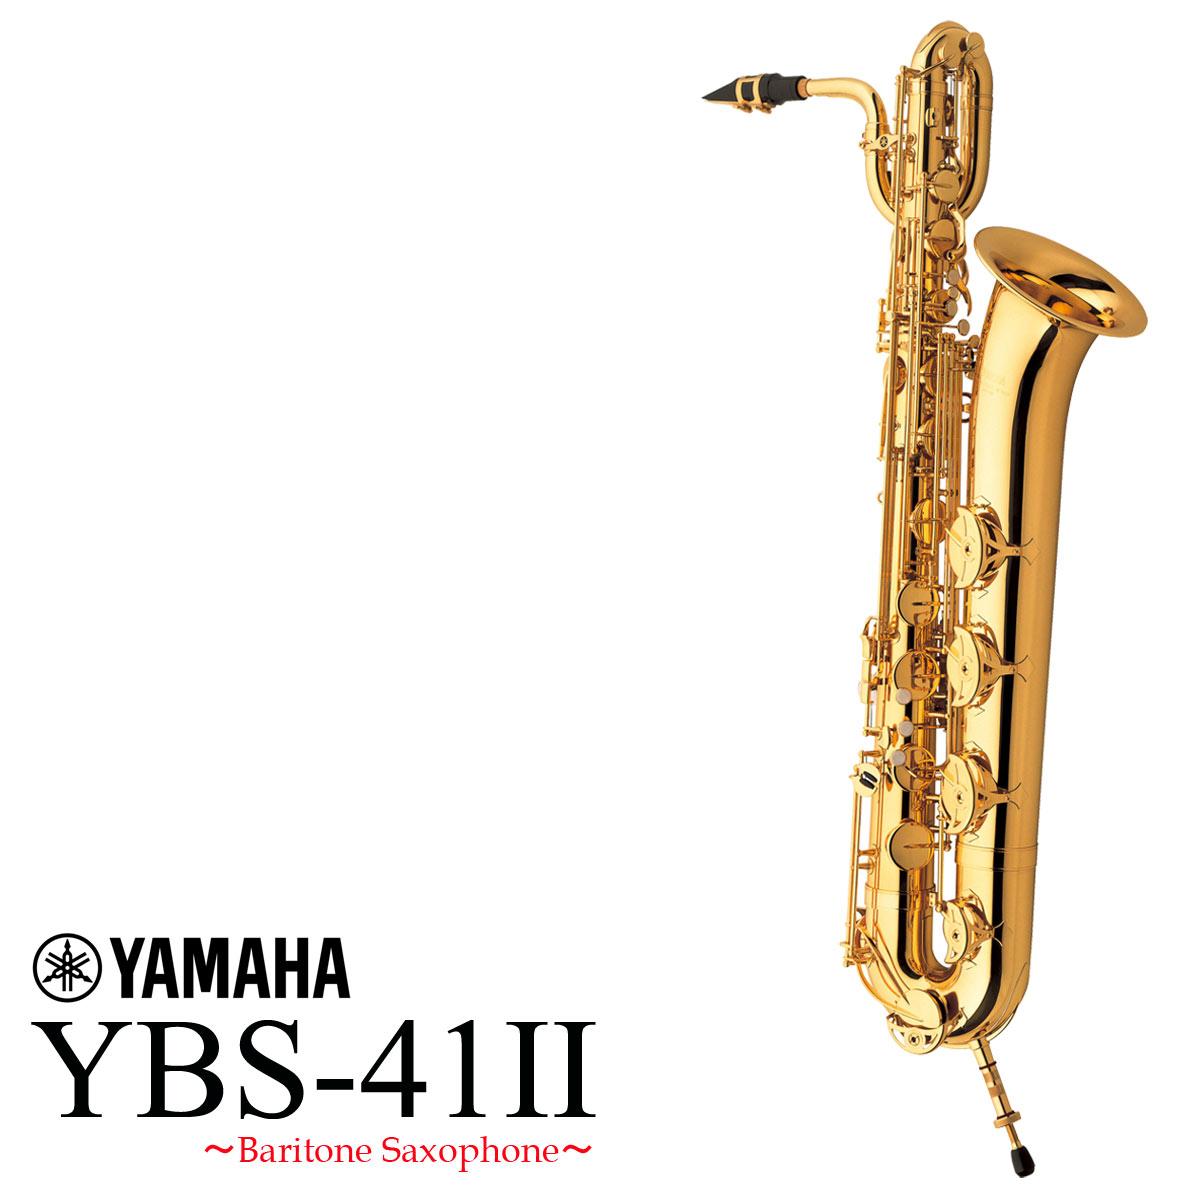 バリサク B.sax  YAMAHA / YBS-41II ヤマハ バリトンサックス YBS41II 《未展示倉庫保管の新品をお届け※もちろん出荷前調整》《5年保証》